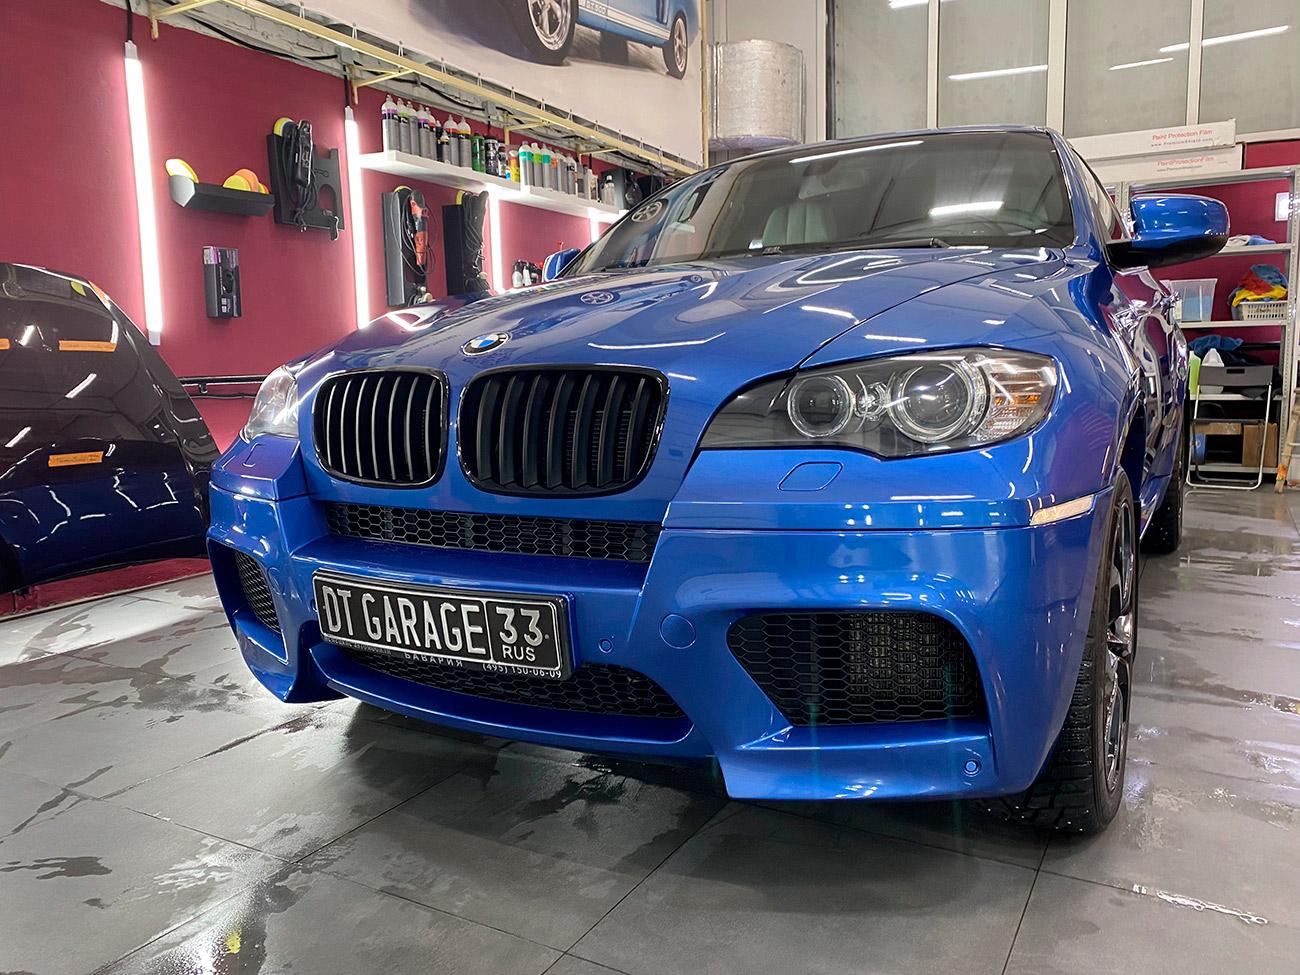 Смотреть на фото BMW X6M 2010 года после полировки.